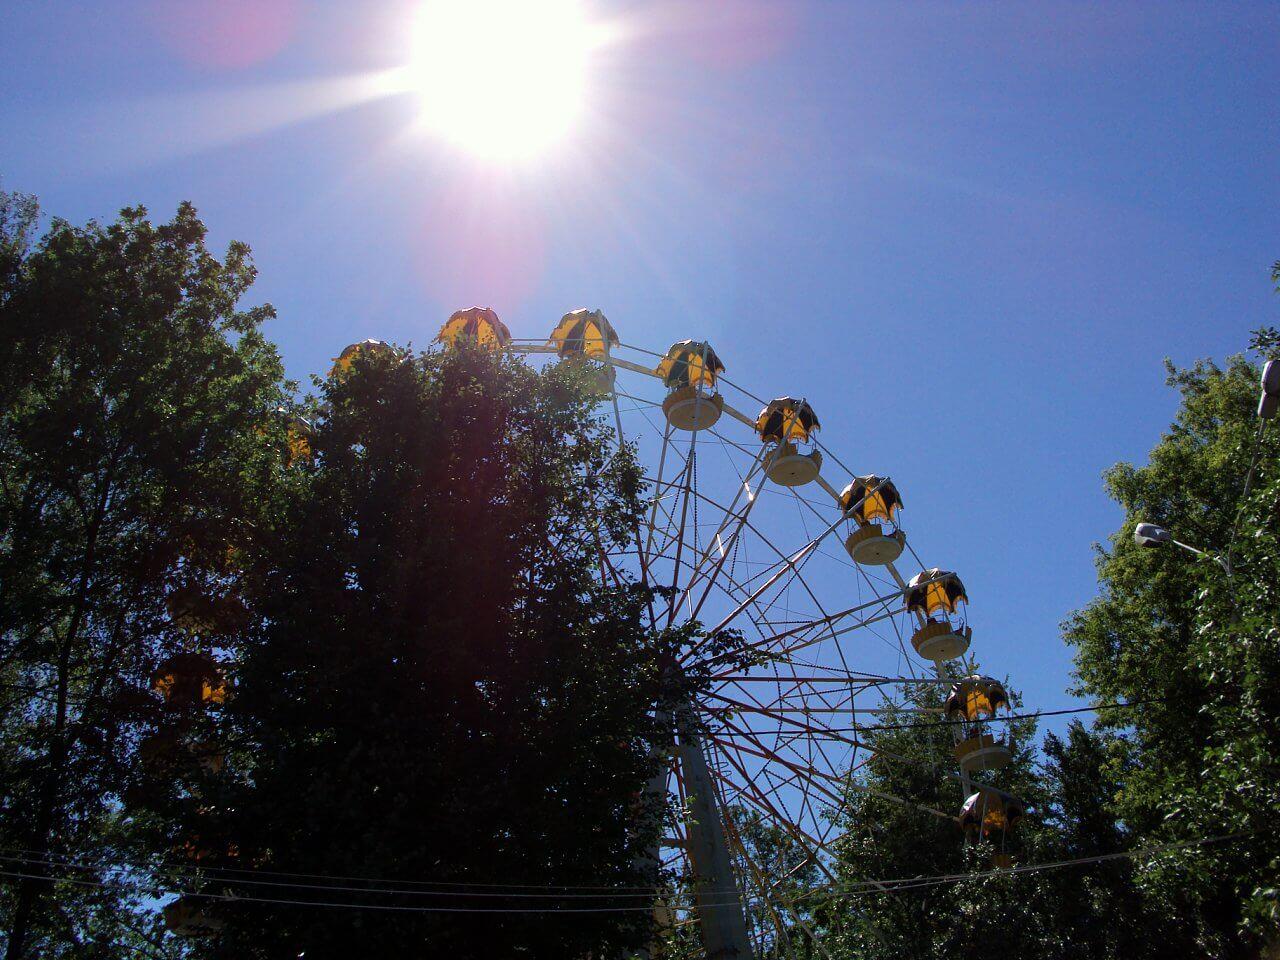 В Твери в Городском саду карусели будут работать в ночное время